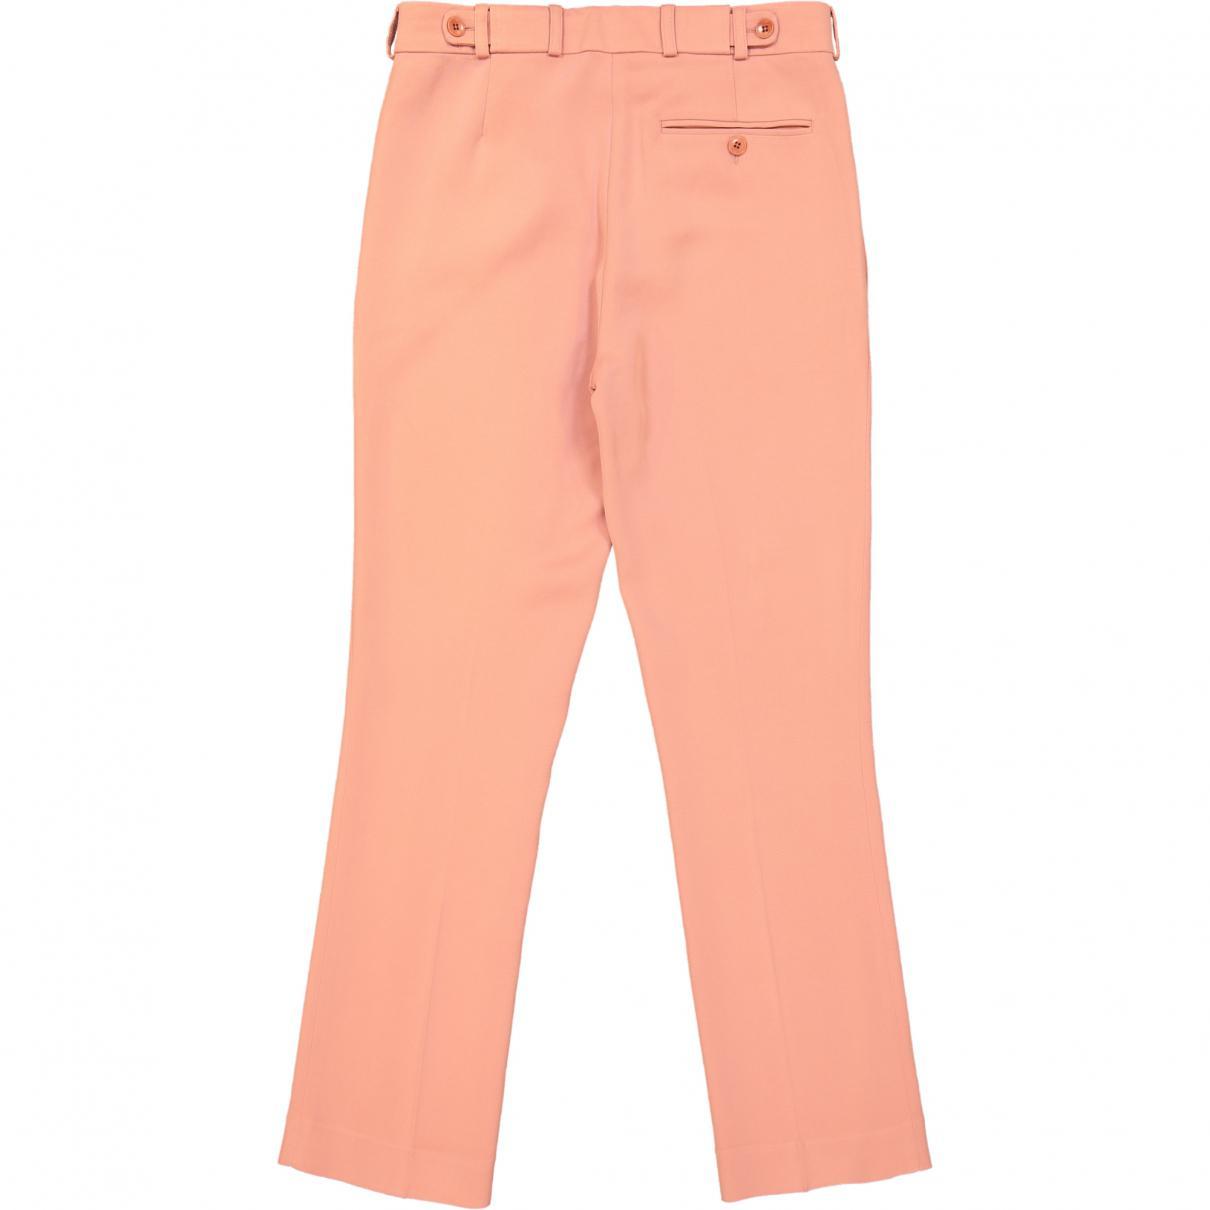 Pantalon de tailleur Synthétique Etro en coloris Rose